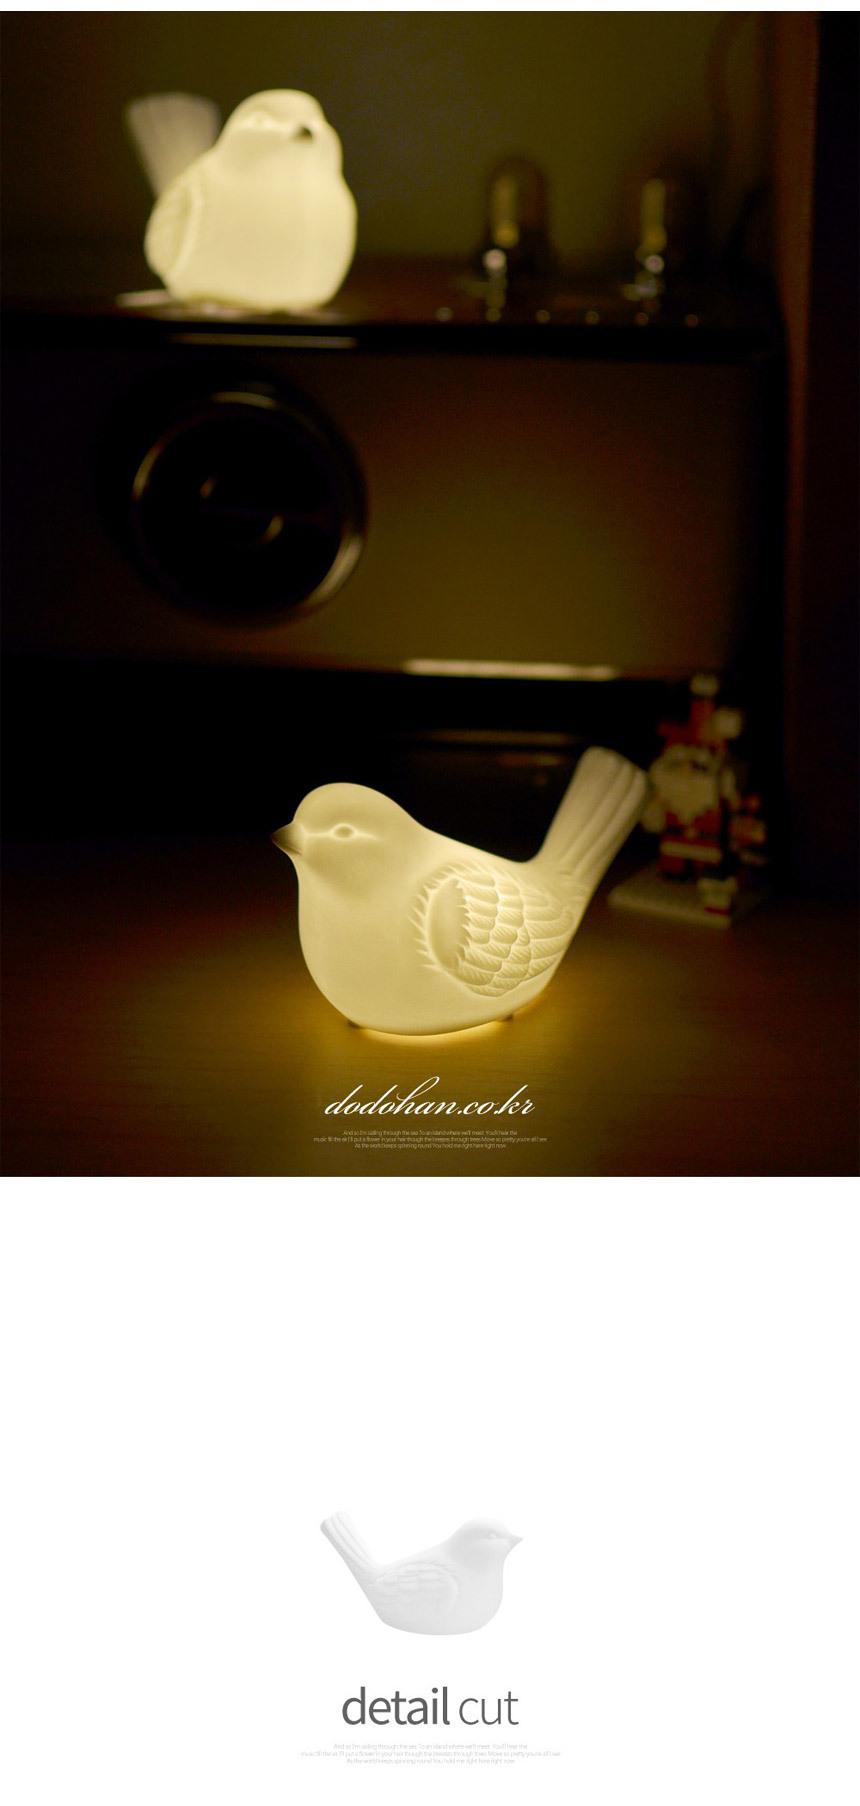 마렌 조명 LED 스칸디버드 스탠드 무드등 - 샤이닝홈, 13,900원, 리빙조명, 플로어조명